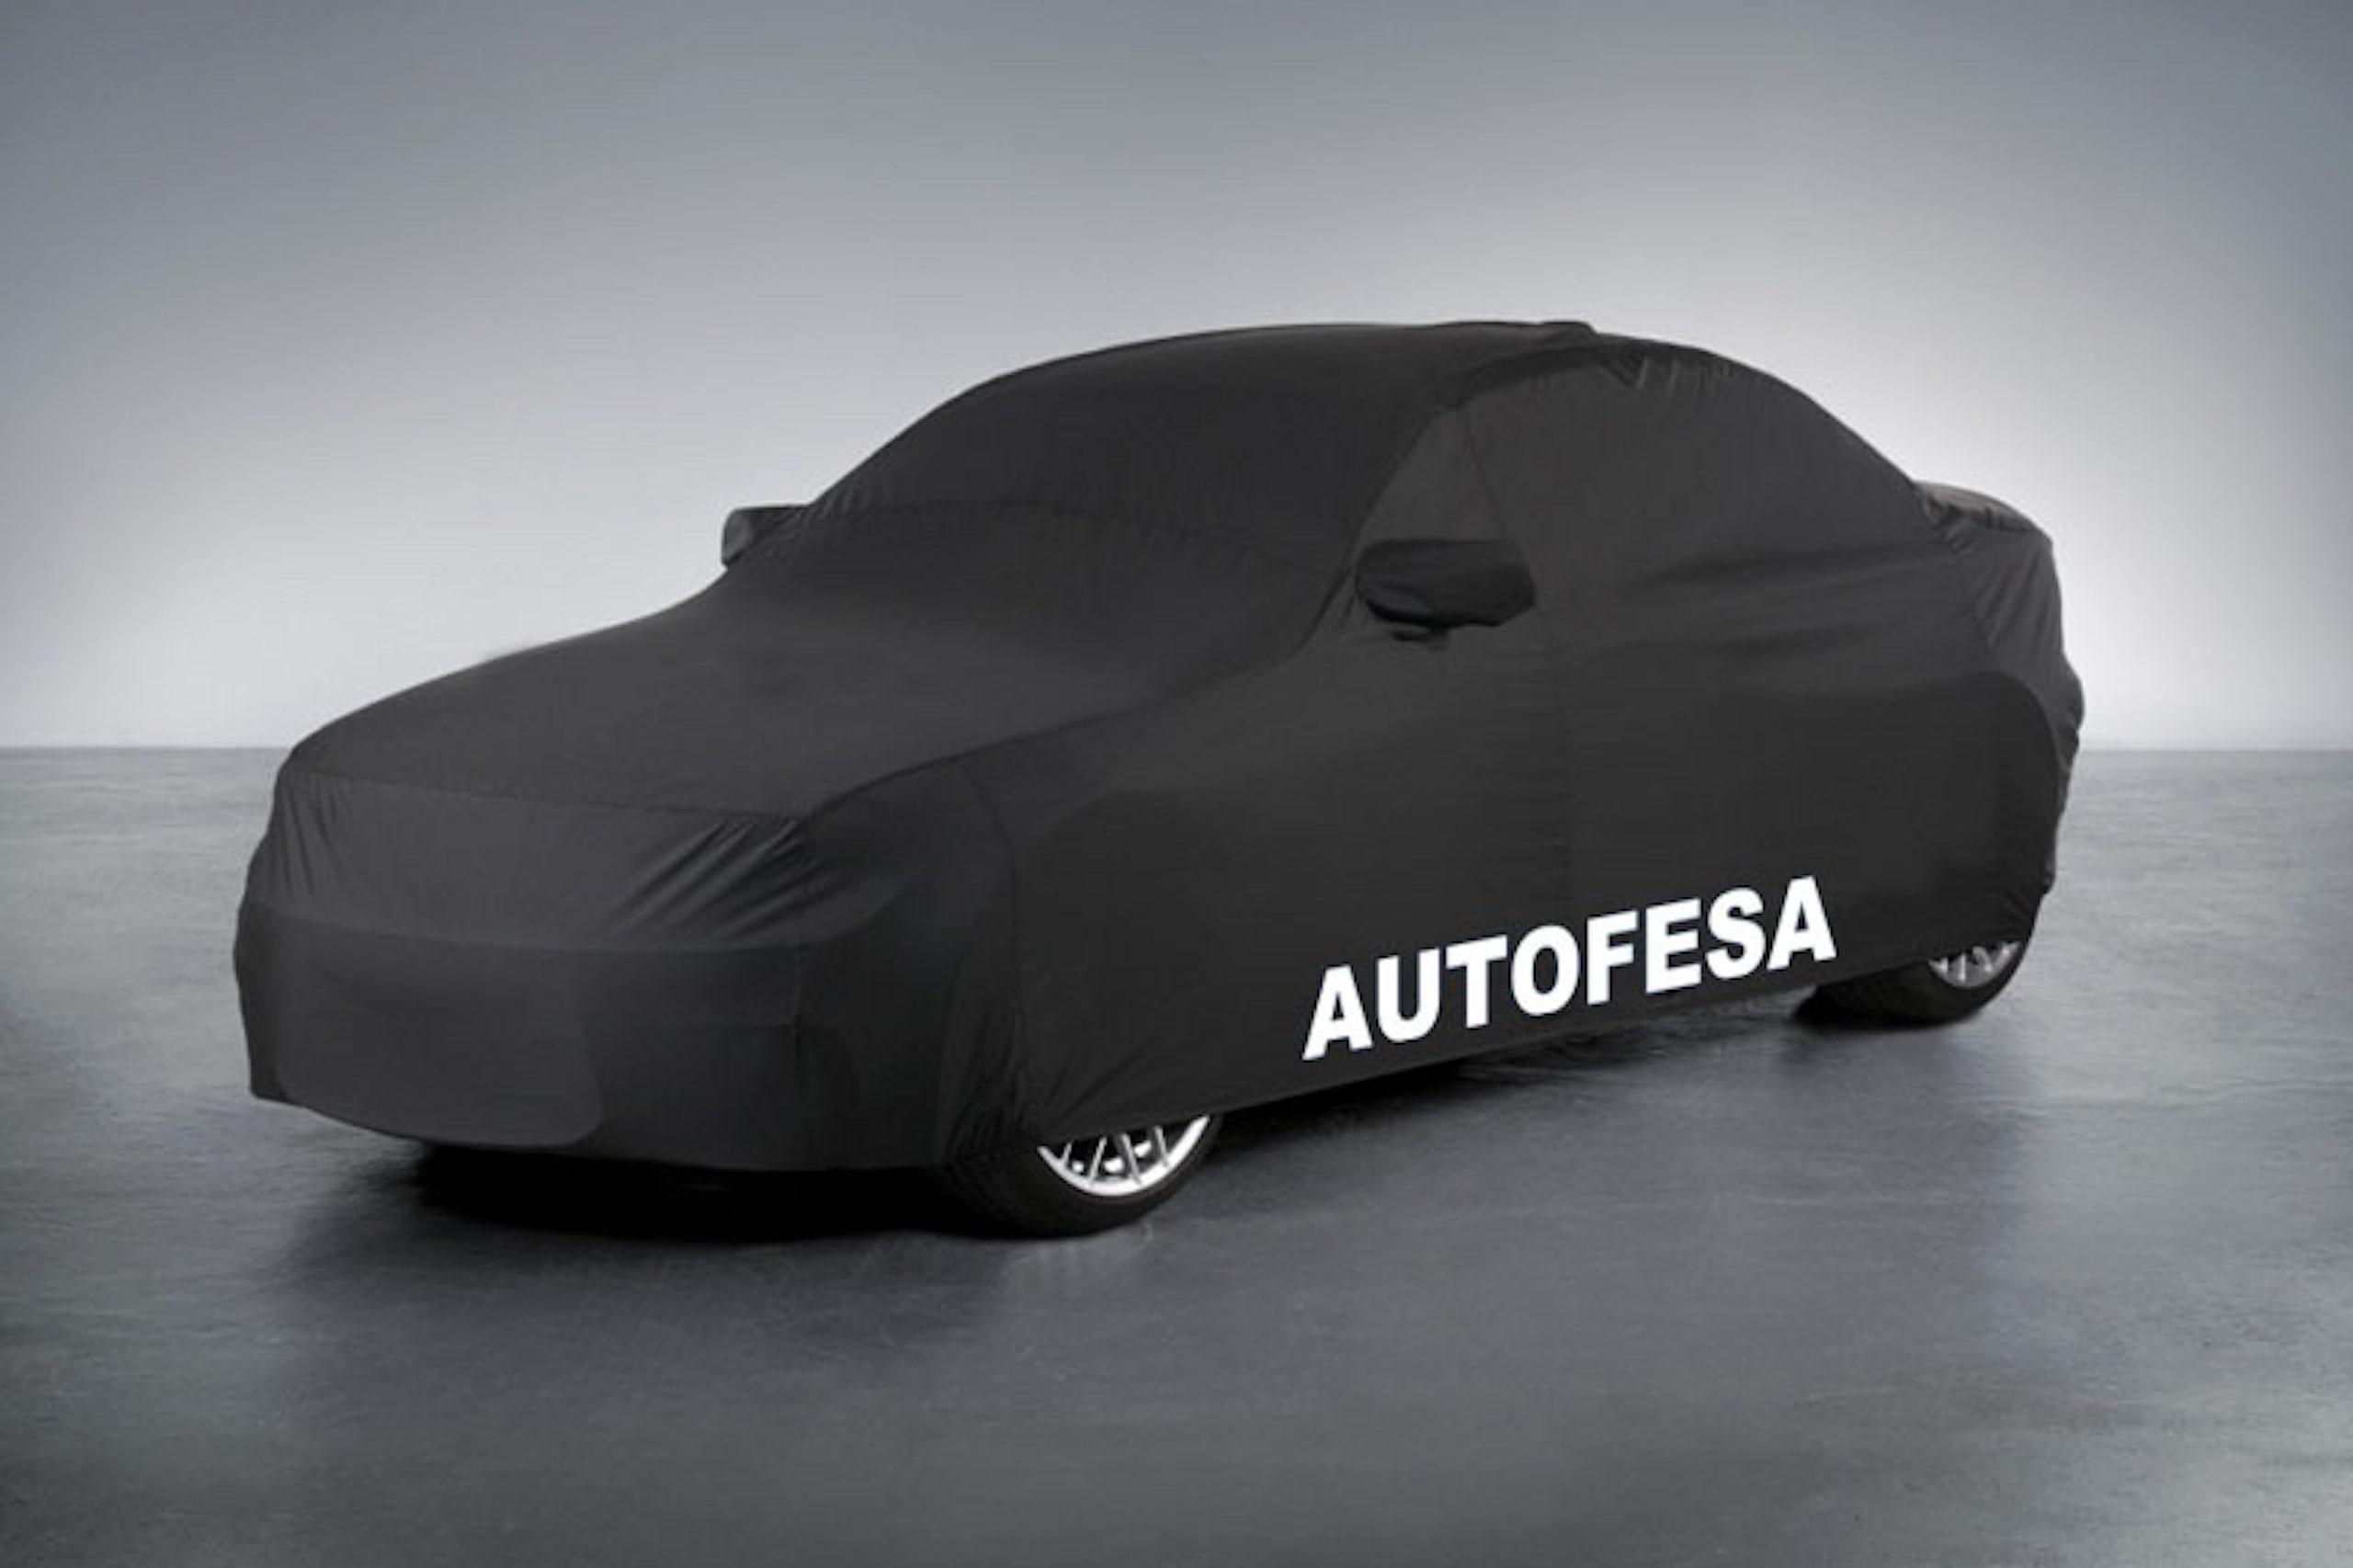 Audi A4 Avant 2.0 TDI 190cv quattro 5p S tronic Auto S/S - Foto 18